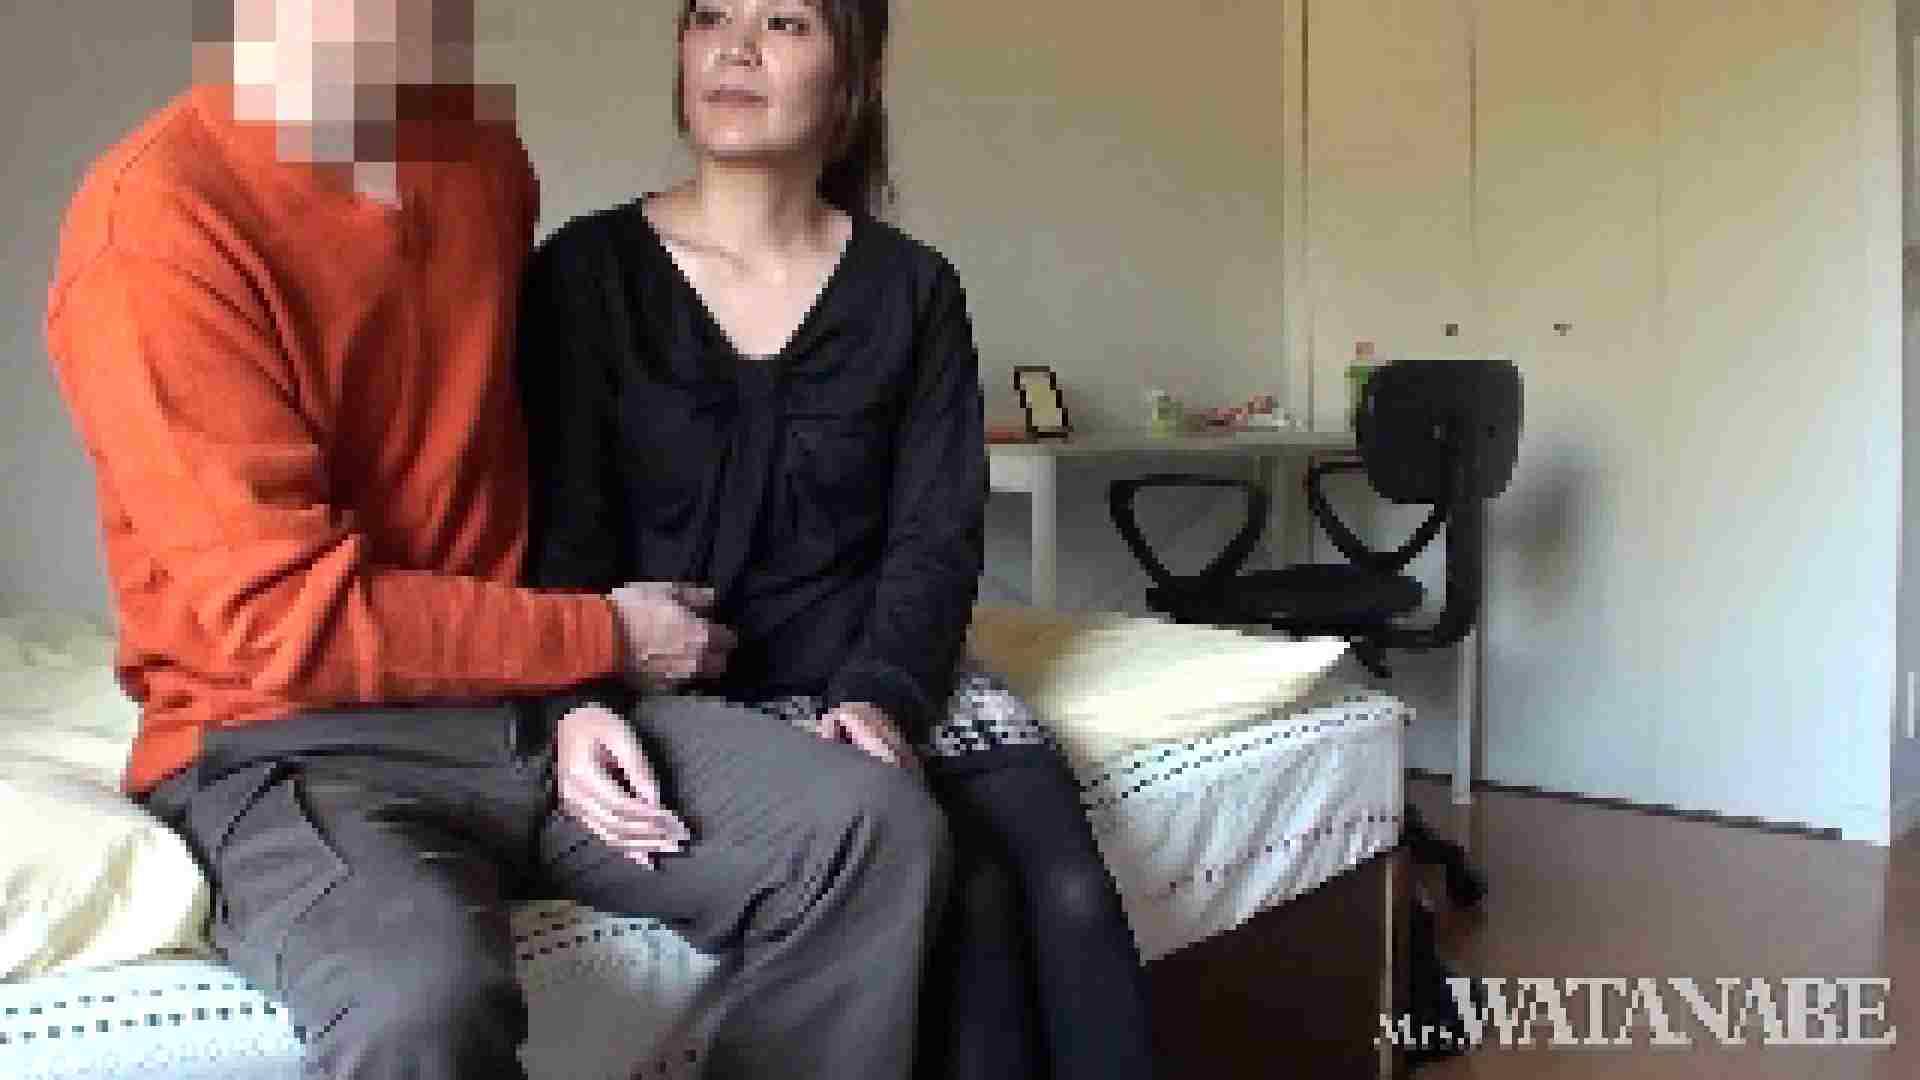 SNSで出会った人妻をハメ撮りしちゃいます 2回目 前編 投稿 | 人妻エロ映像  105pic 58